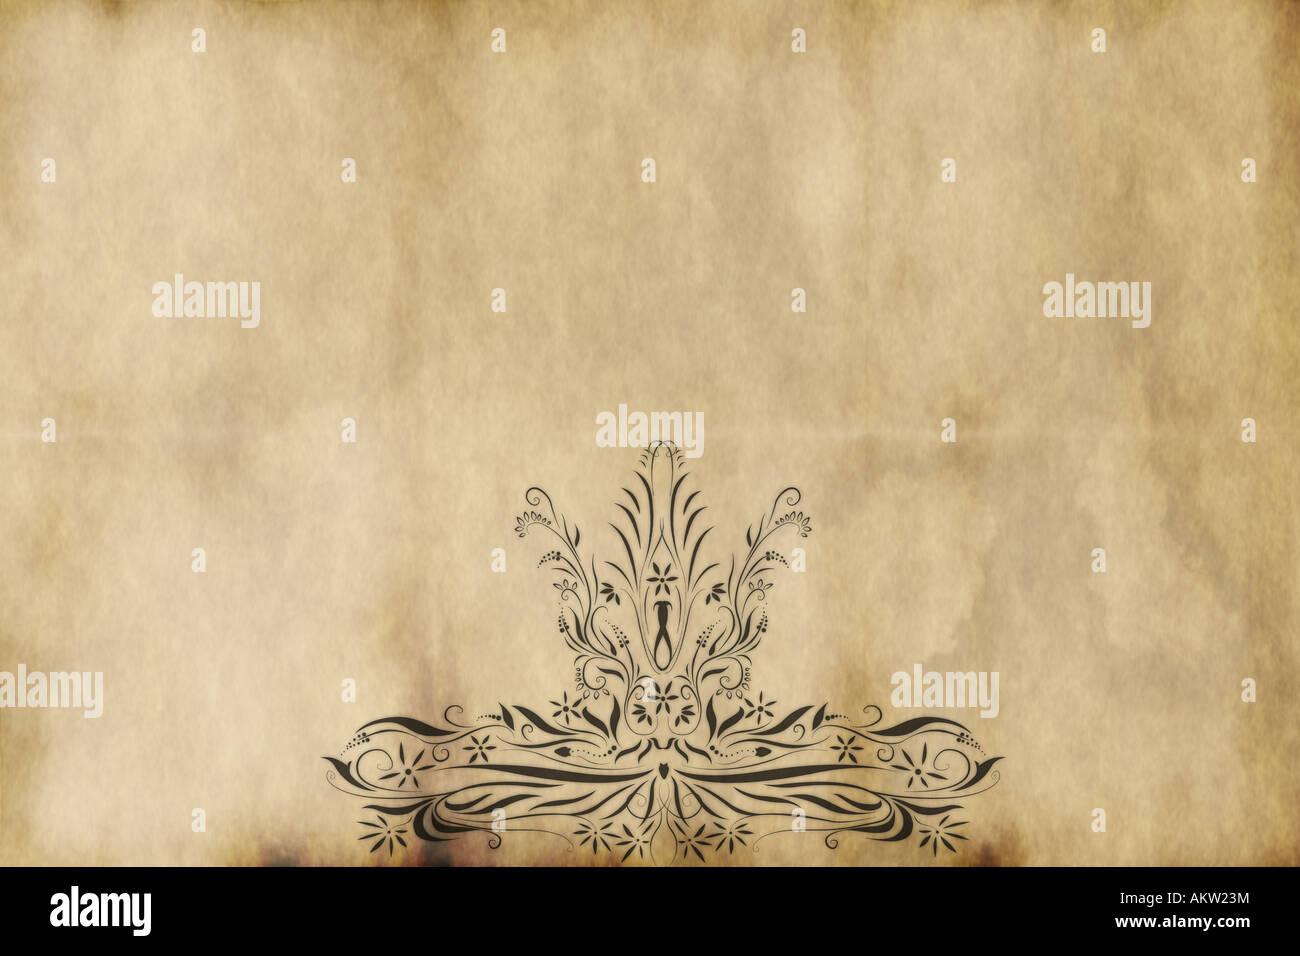 Regal style design stampato su carta vecchia Immagini Stock